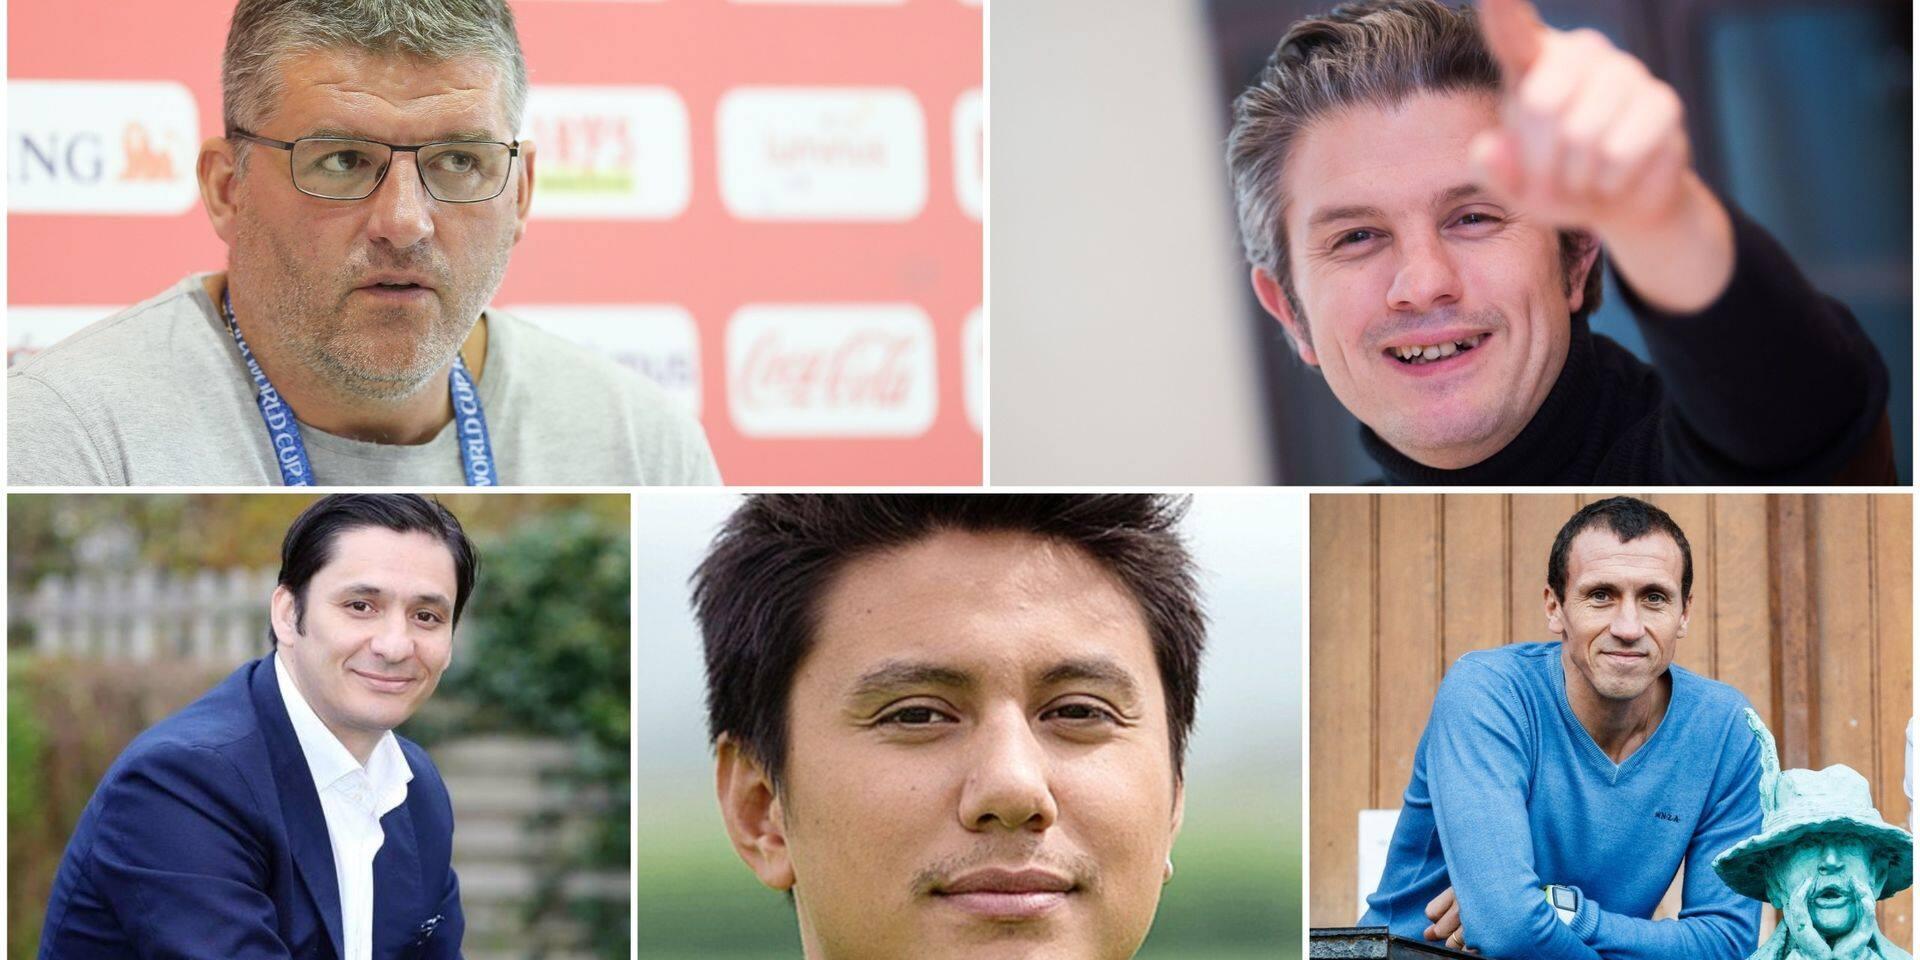 Commentateurs, premiers tarifs, dispositif: le visage télé du foot belge version Eleven Sports se dévoile